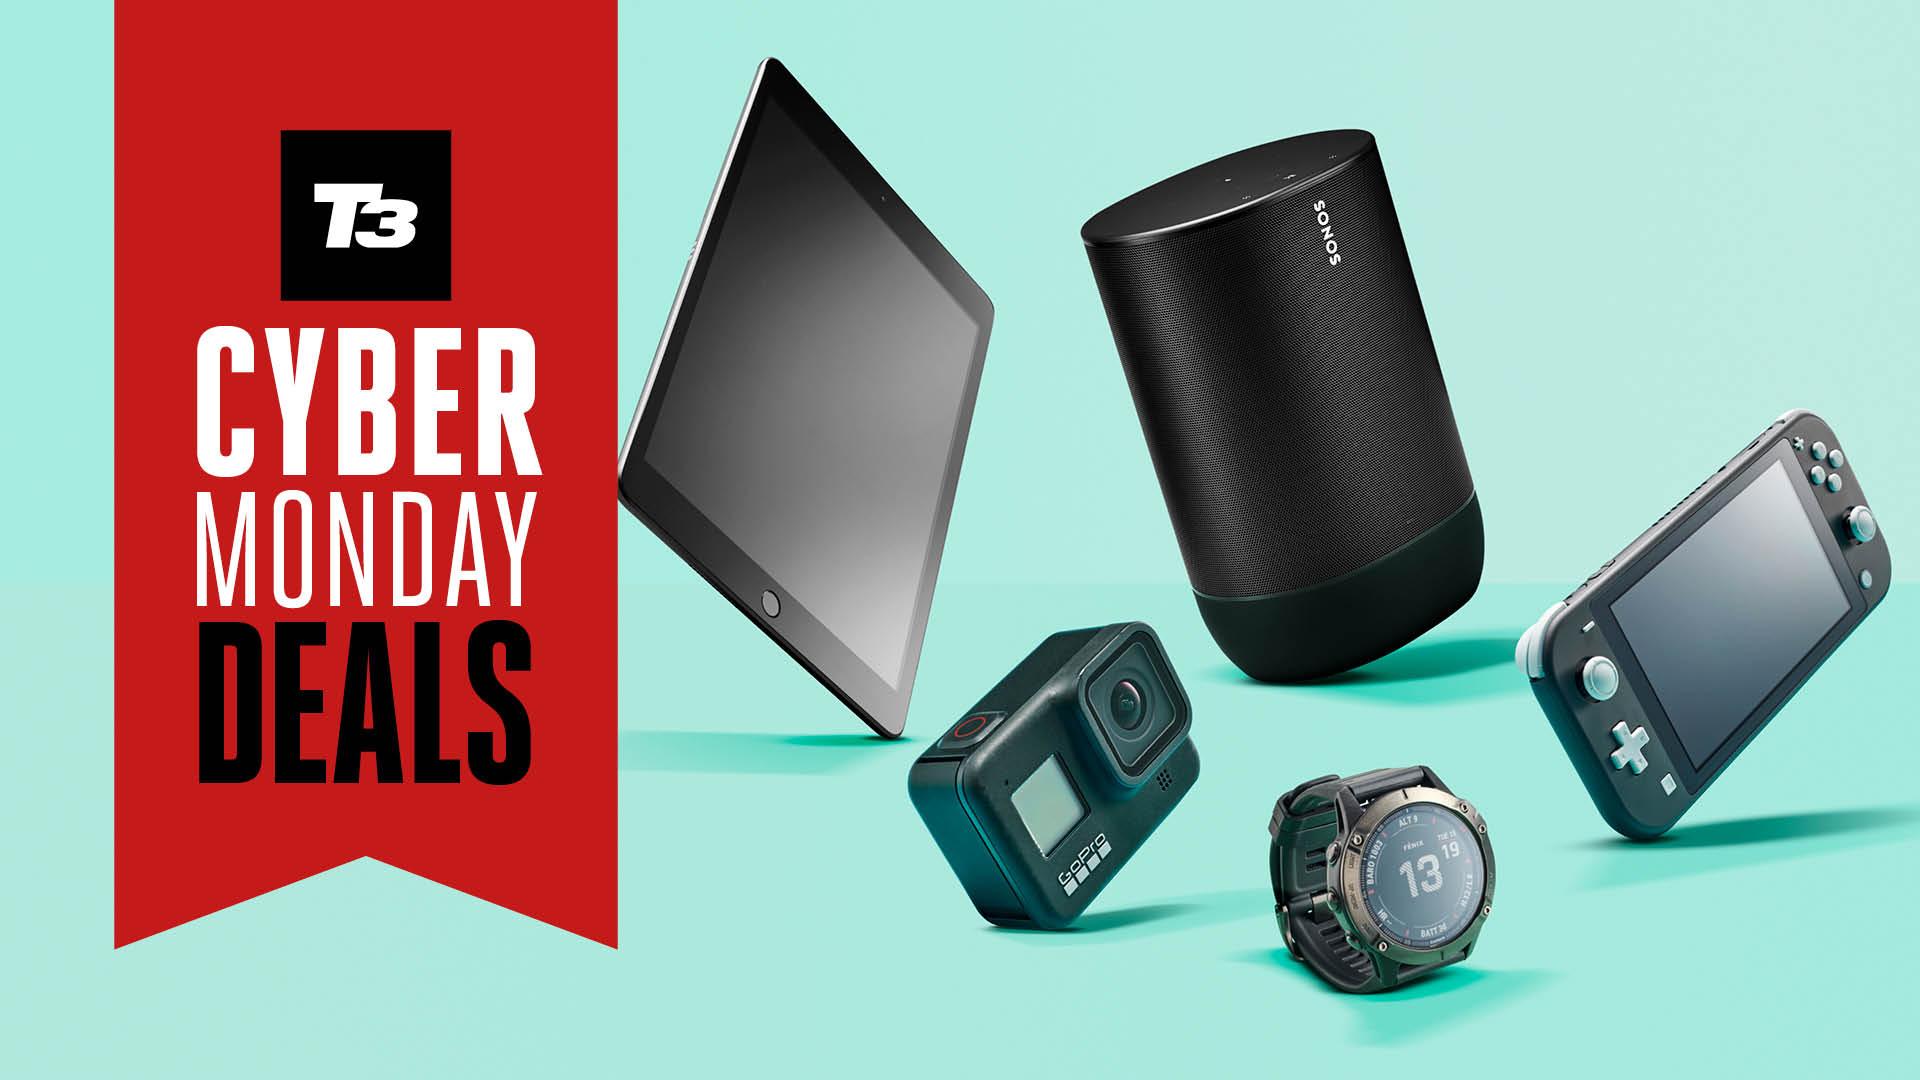 Cyber Monday Deals Us Shop The Best Cyber Monday 2020 Sales T3